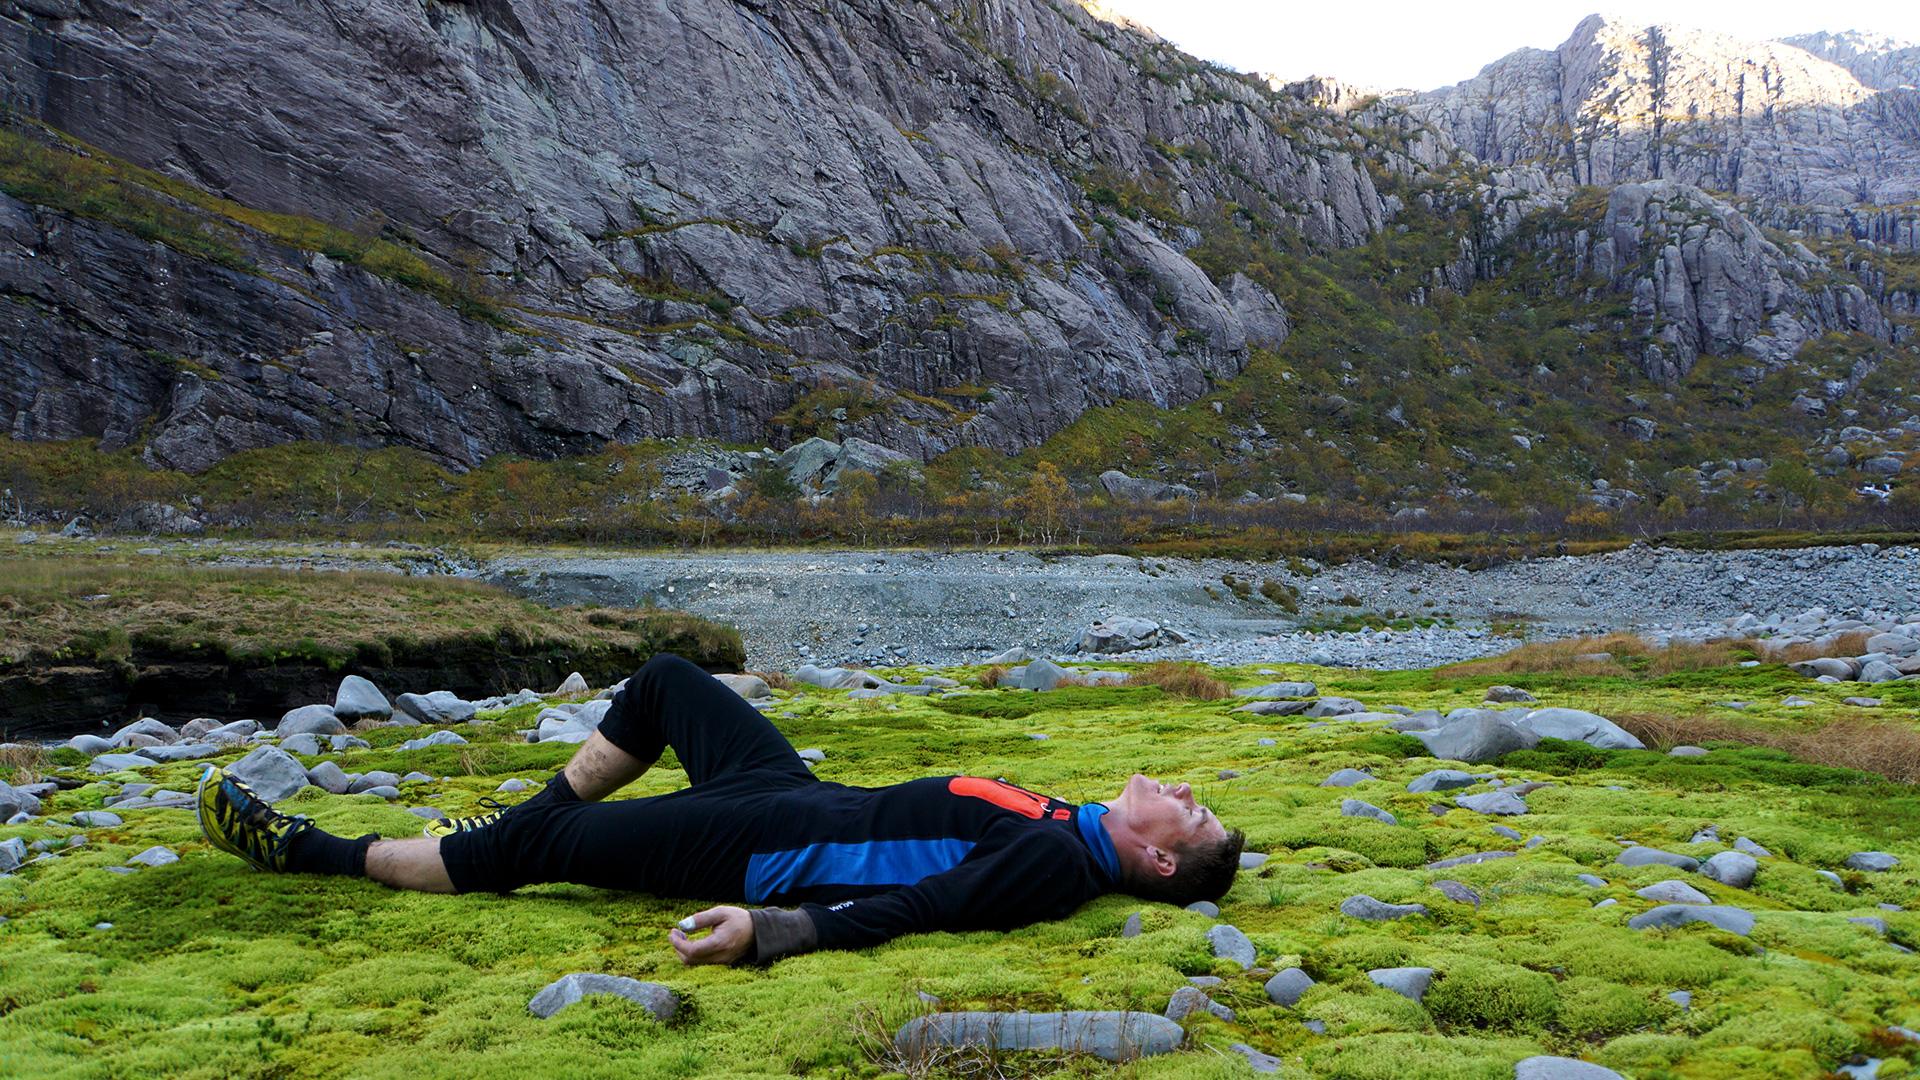 Mann som hviler i fjellet